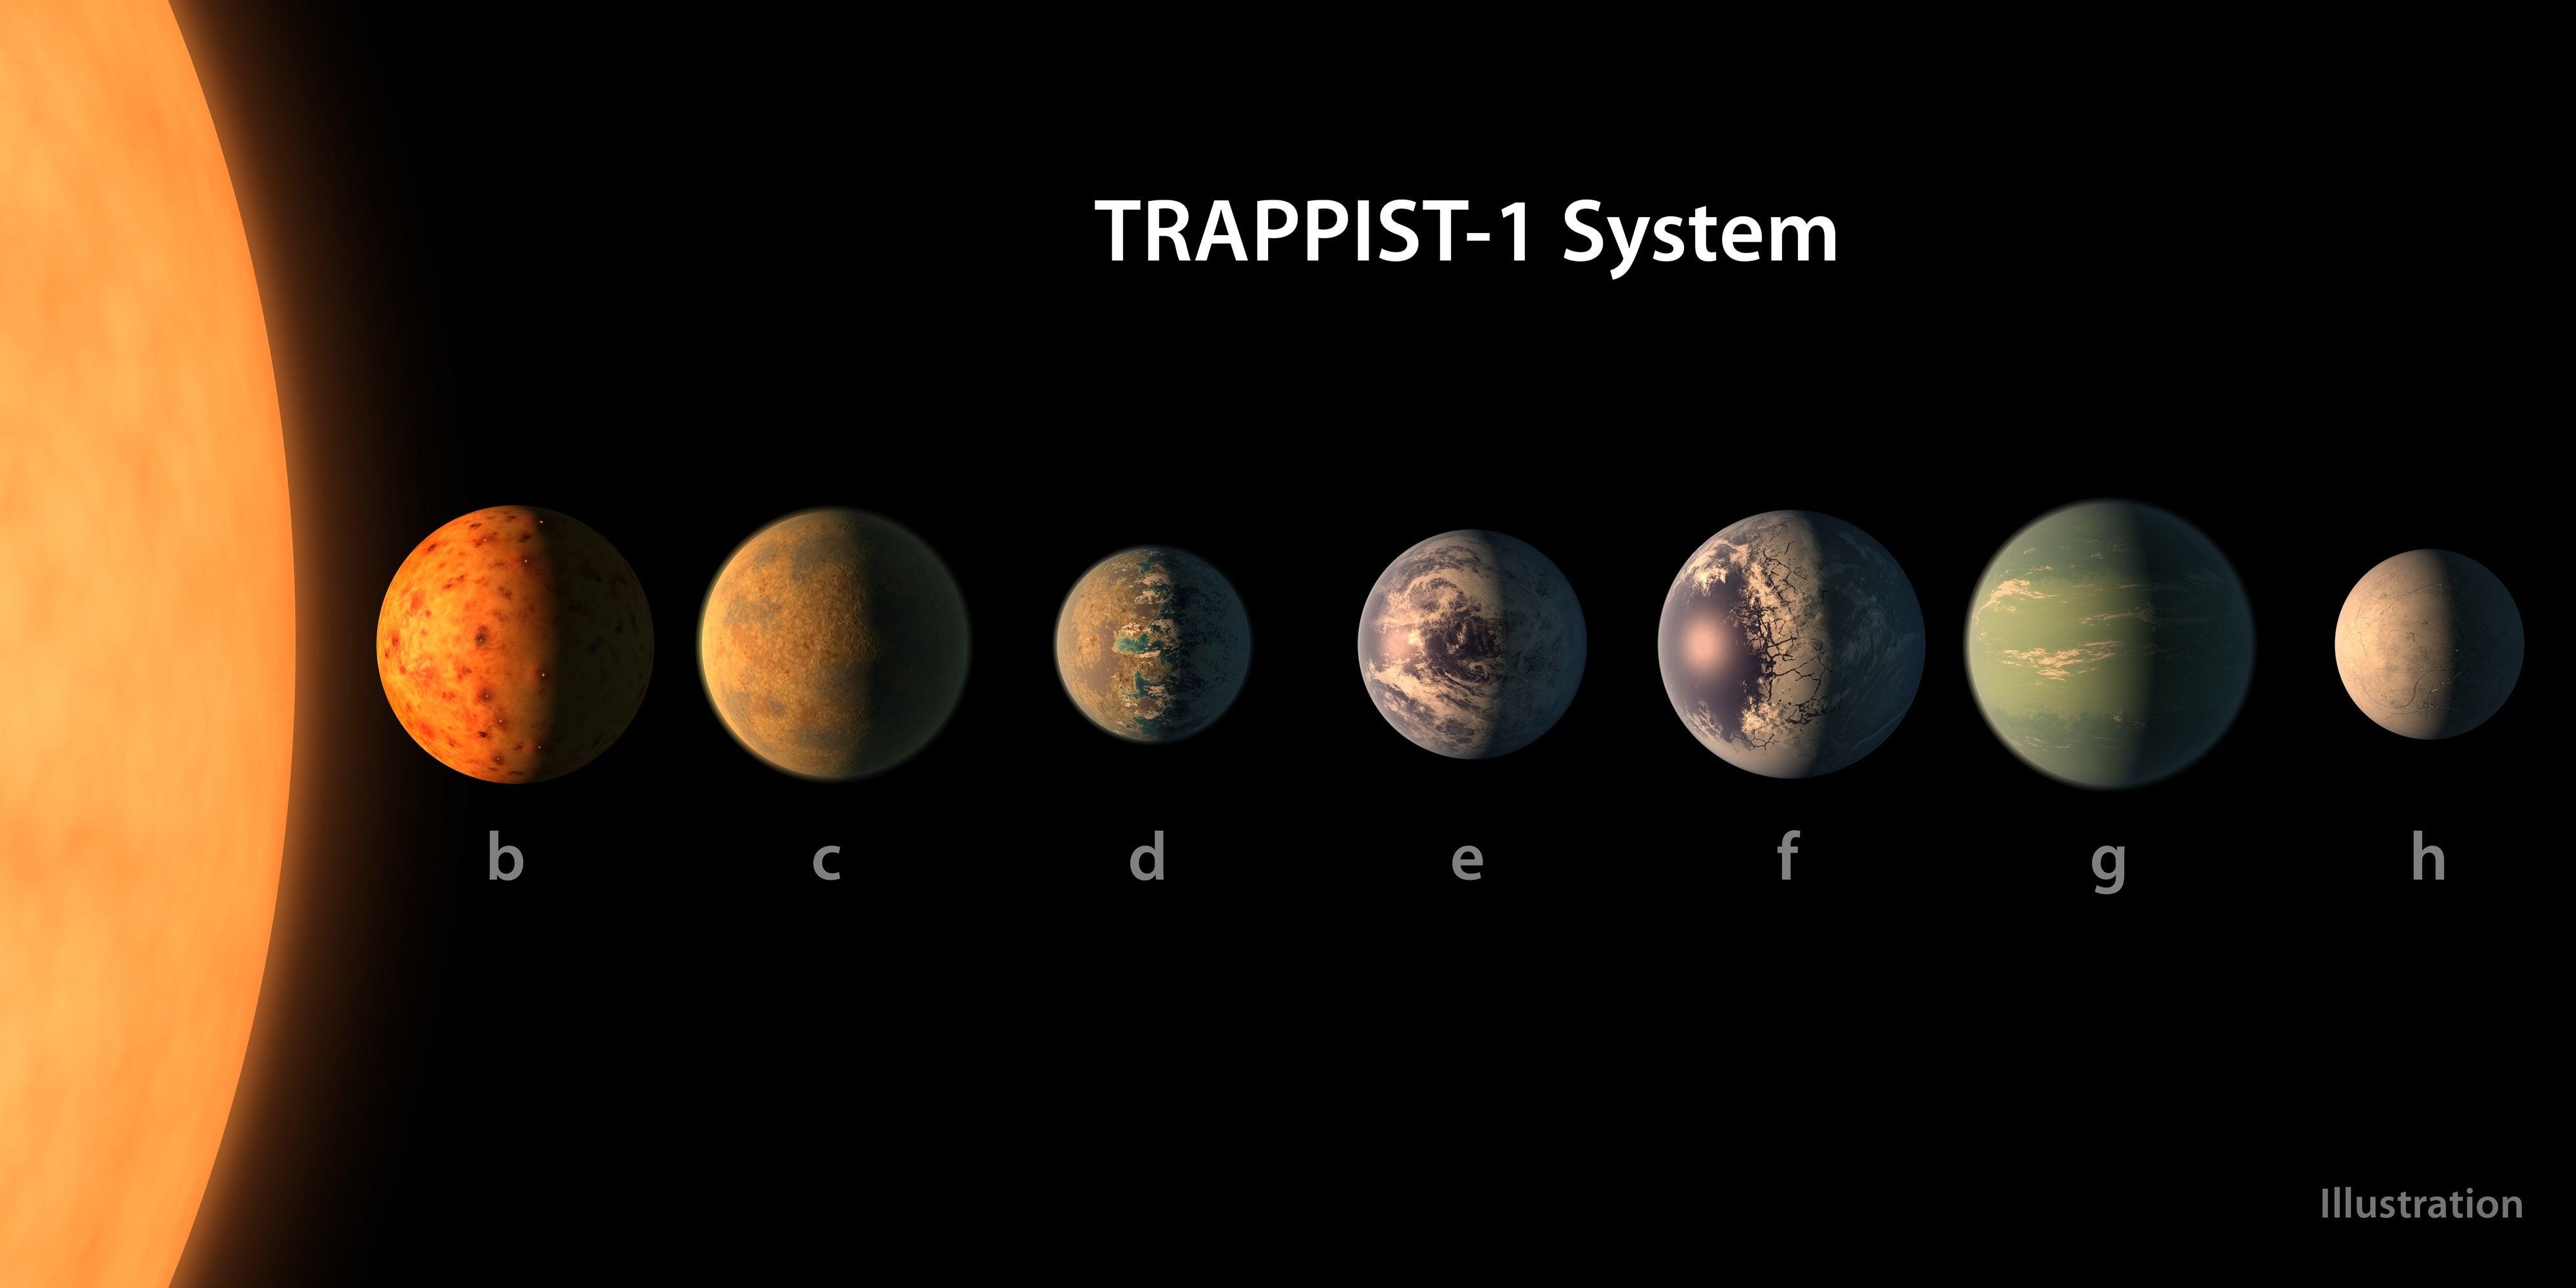 سبعة كواكب جديدة شبيهة بالأرض للع لم